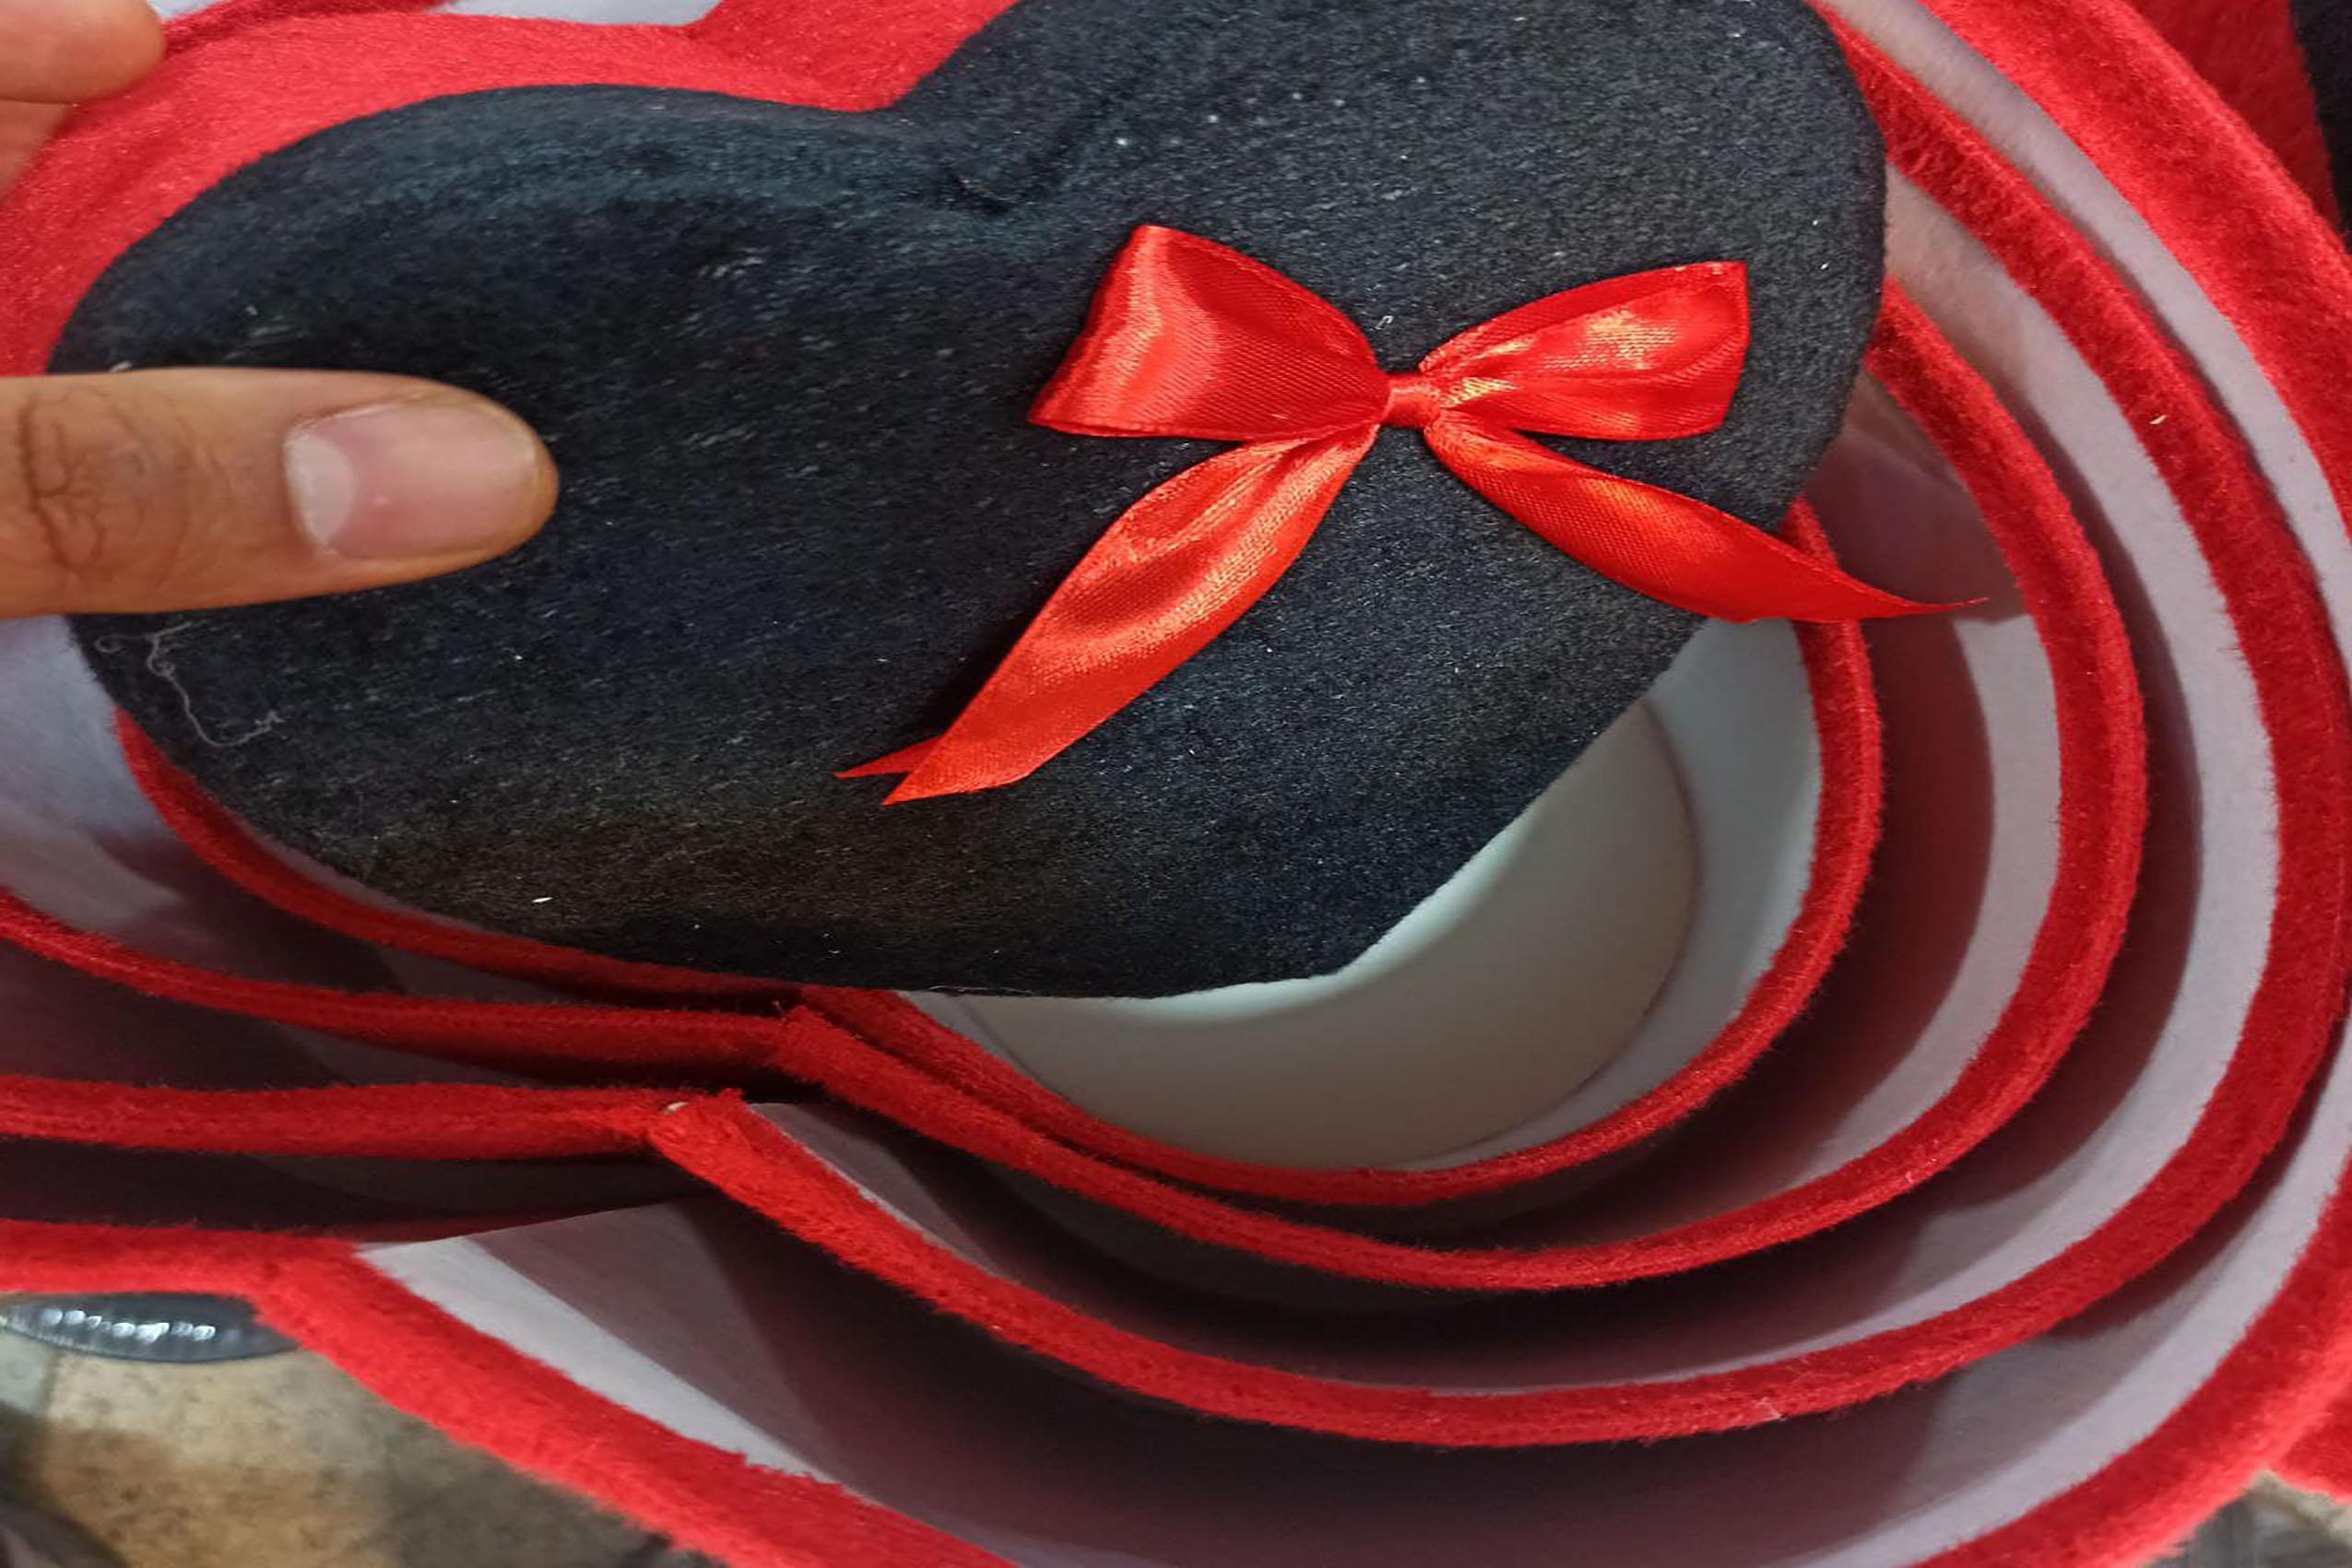 فروش عمده محصولات کادویی جذاب باکس کادو قلبی مخملی